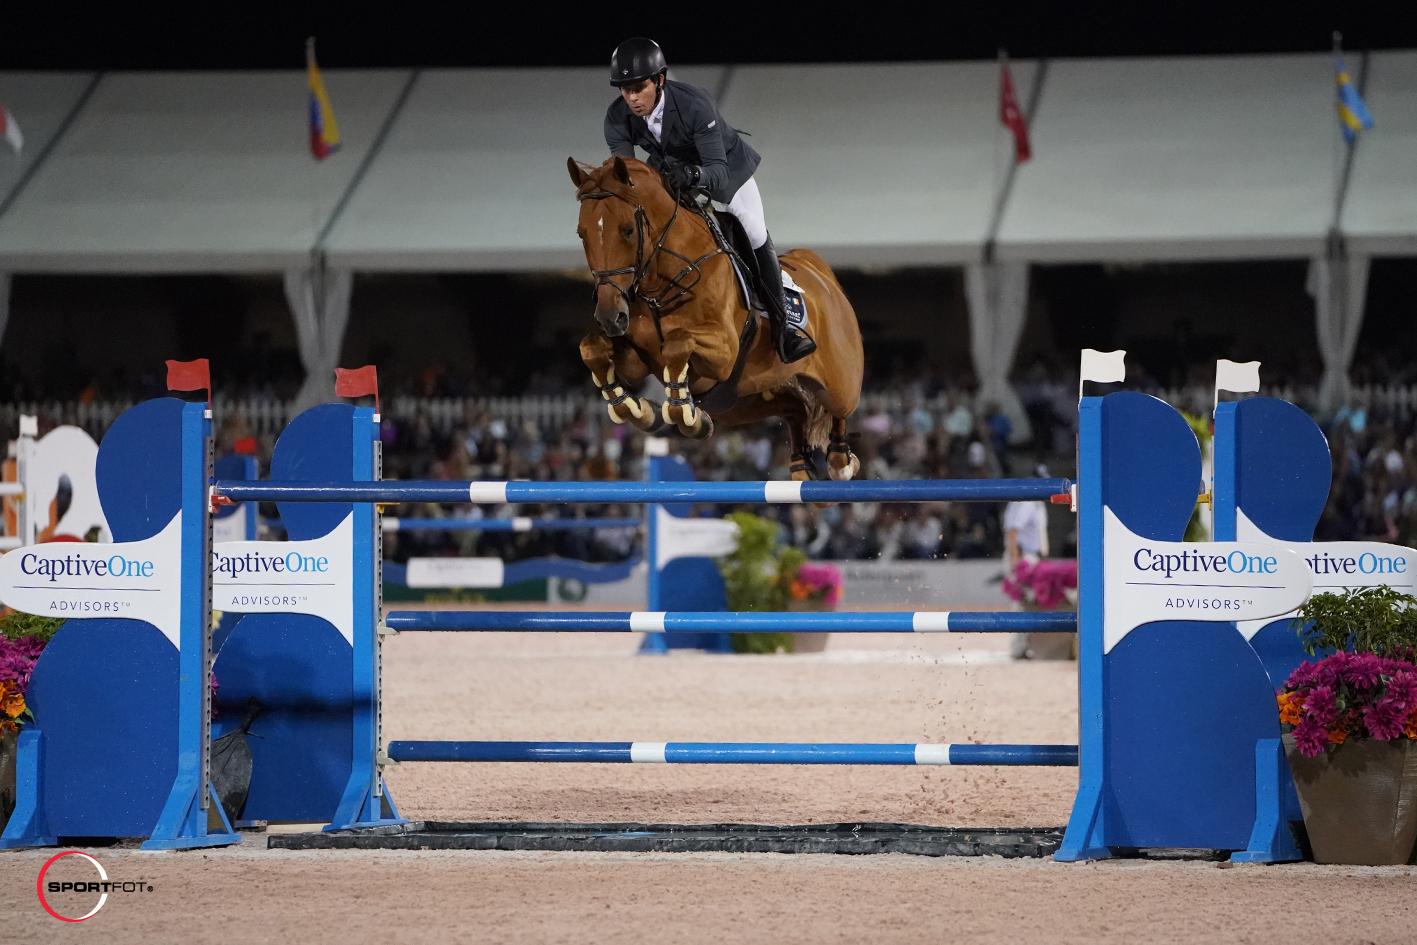 Conor Swail and Rubens LS La Silla 33101476 Sportfot